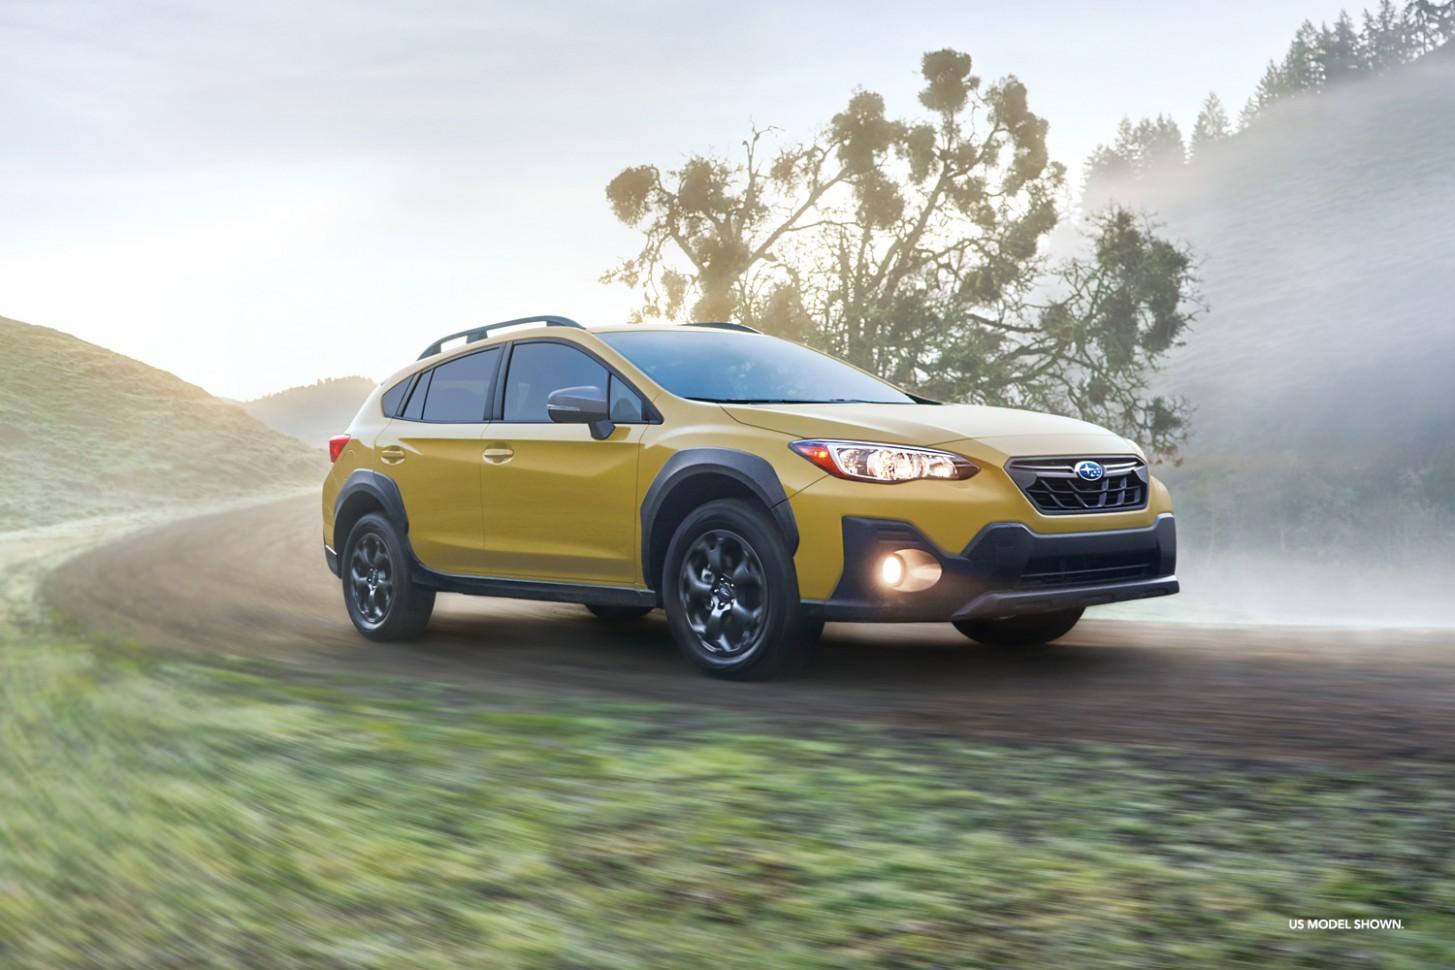 The new 5 Subaru Crosstrek - 5 Crosstrek - Subaru Canada - Subaru Canada 2021